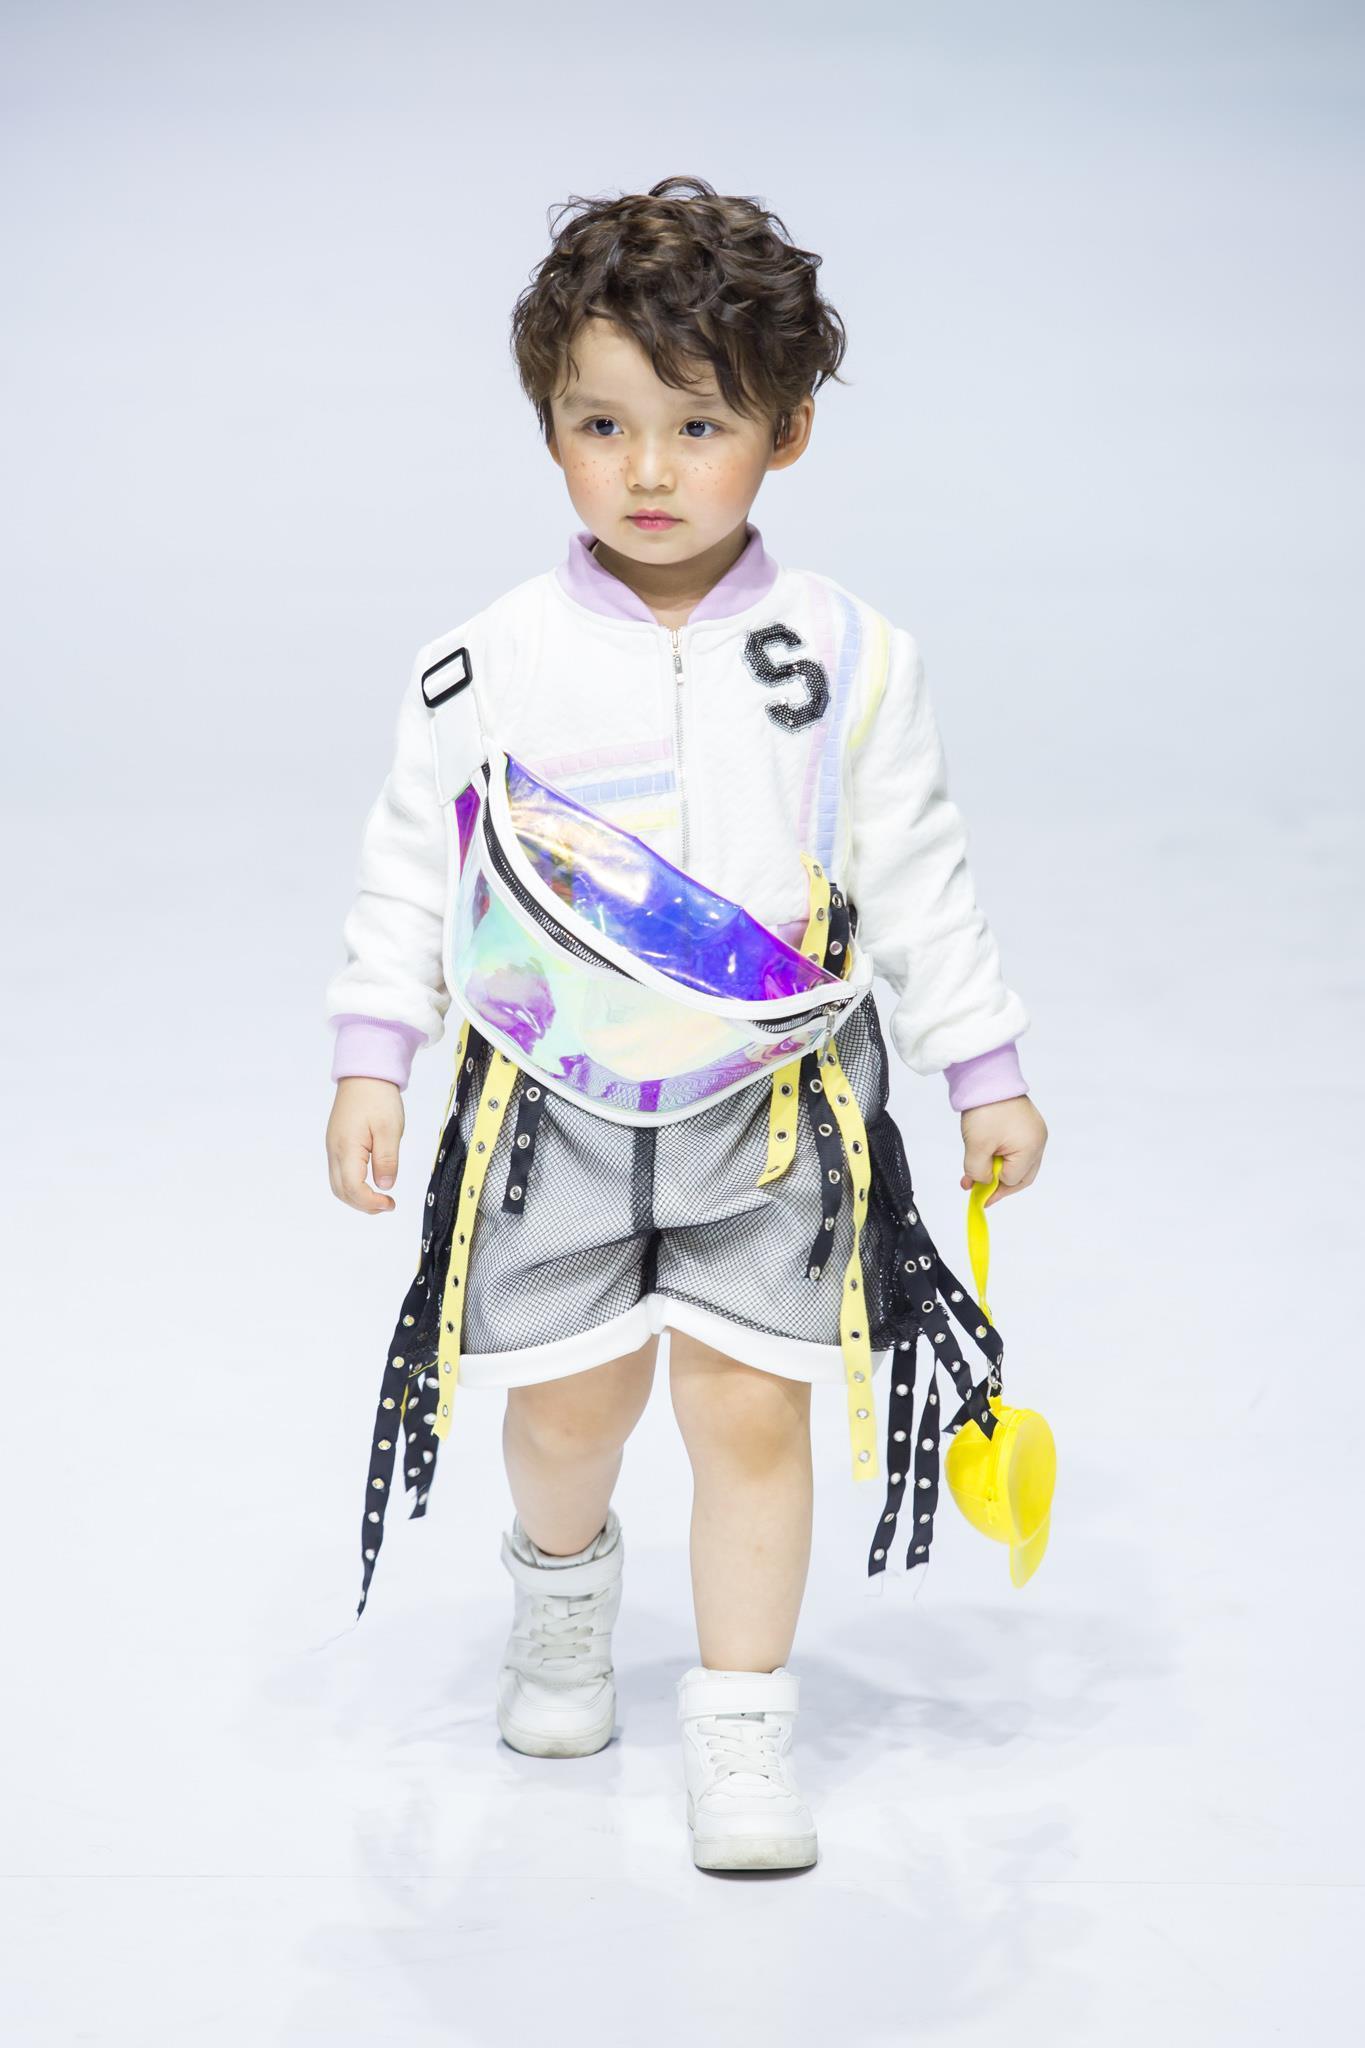 Ivan Trần 'trẻ thơ hóa' sàn diễn Aquafina VIFW mùa thứ 9 Ảnh 12